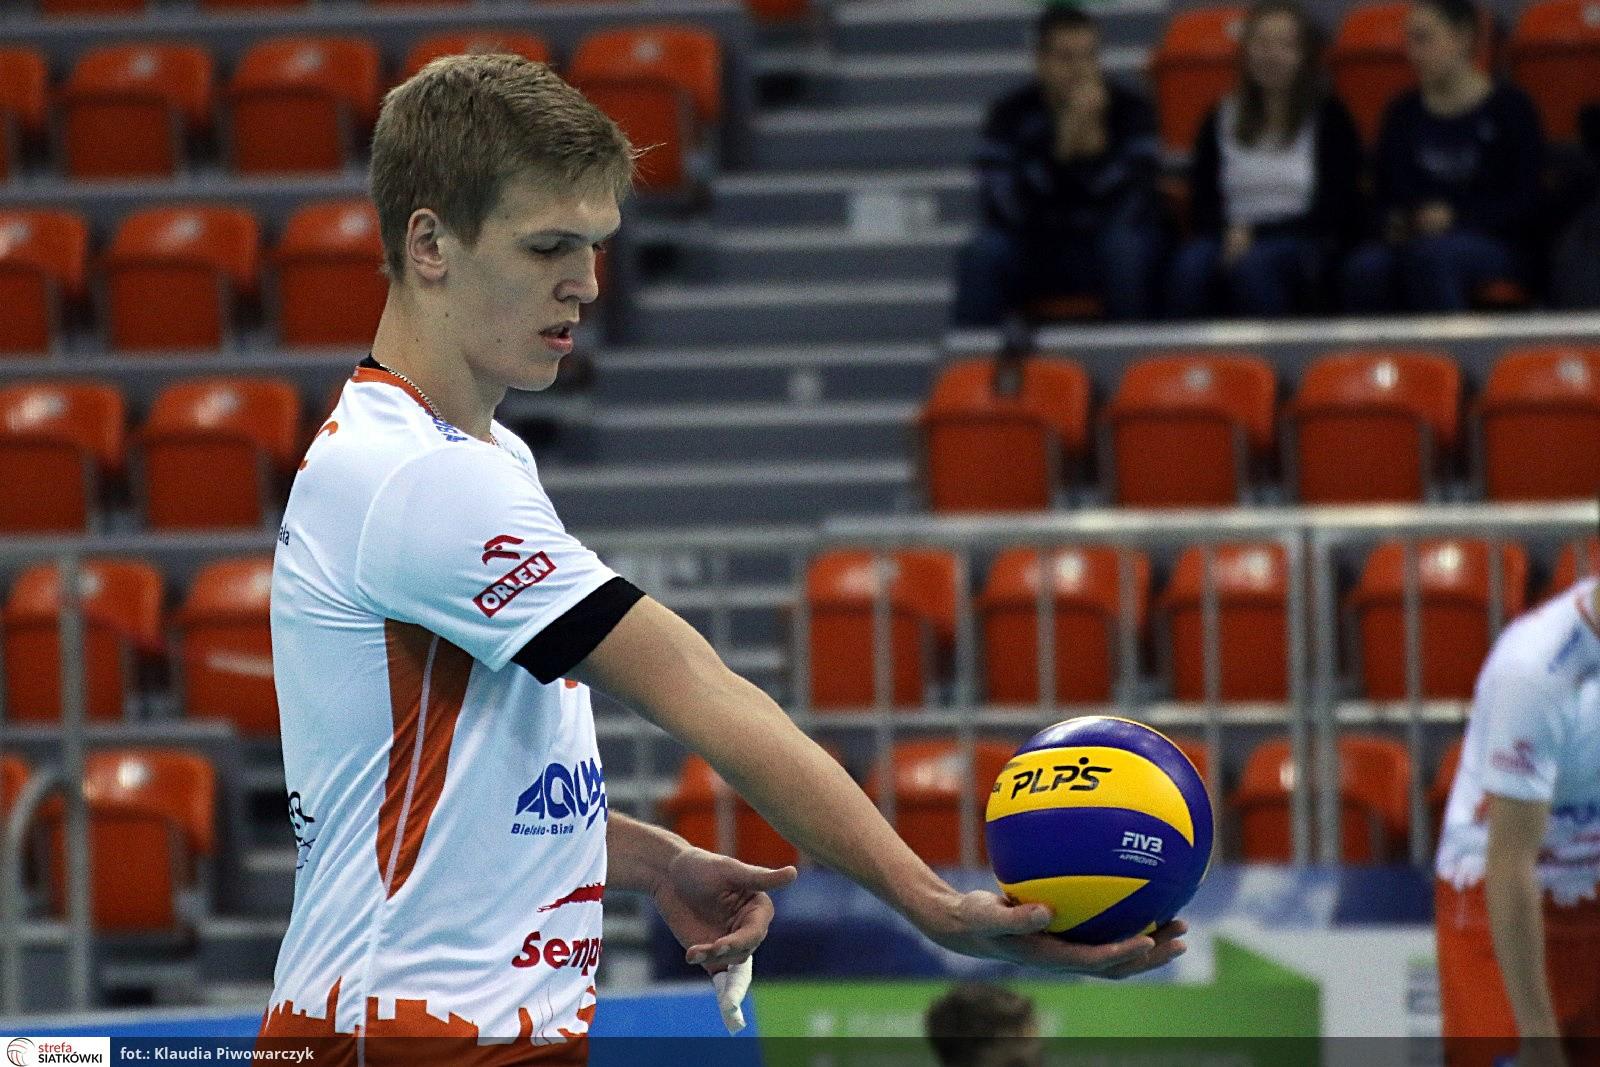 6 - Paweł Gryc